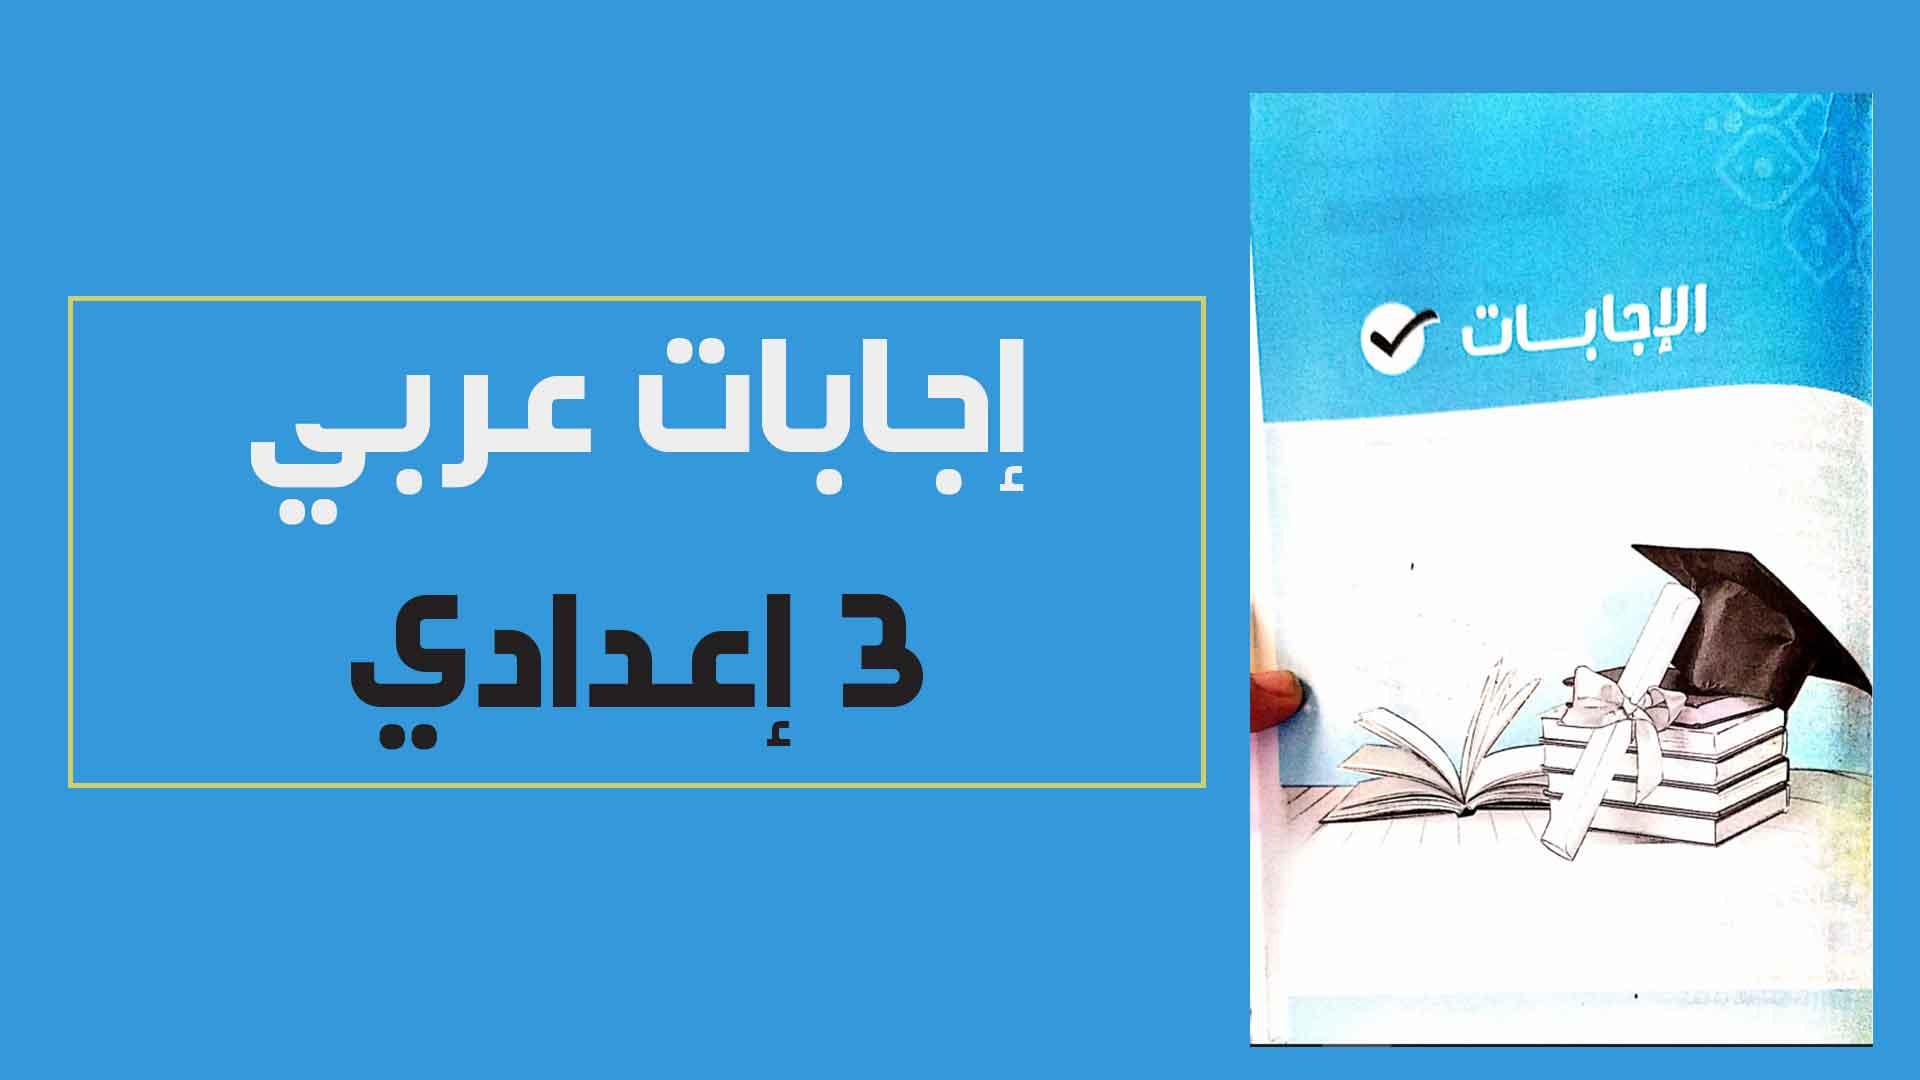 اجابات كتاب الامتحان فى اللغة العربية pdf للصف الثالث الاعدادى الترم الأول 2022